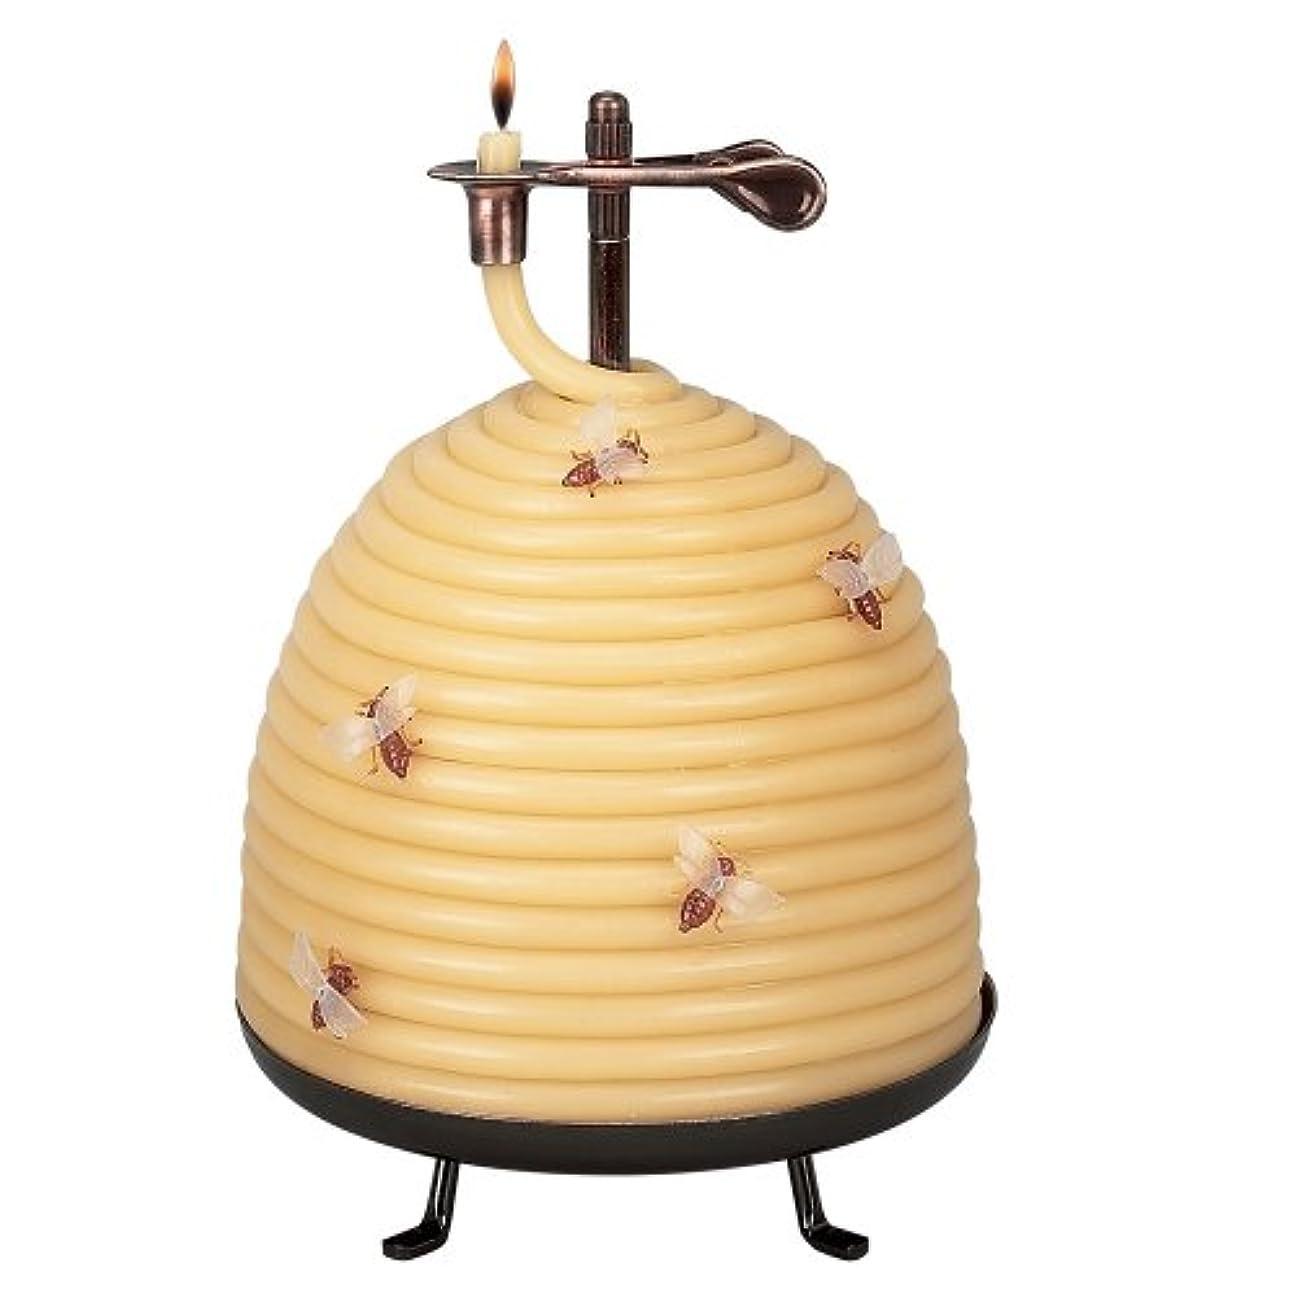 登録する寛解謎めいたCandle By The Hour 20642B 120 Hour Beehive Coil Candle